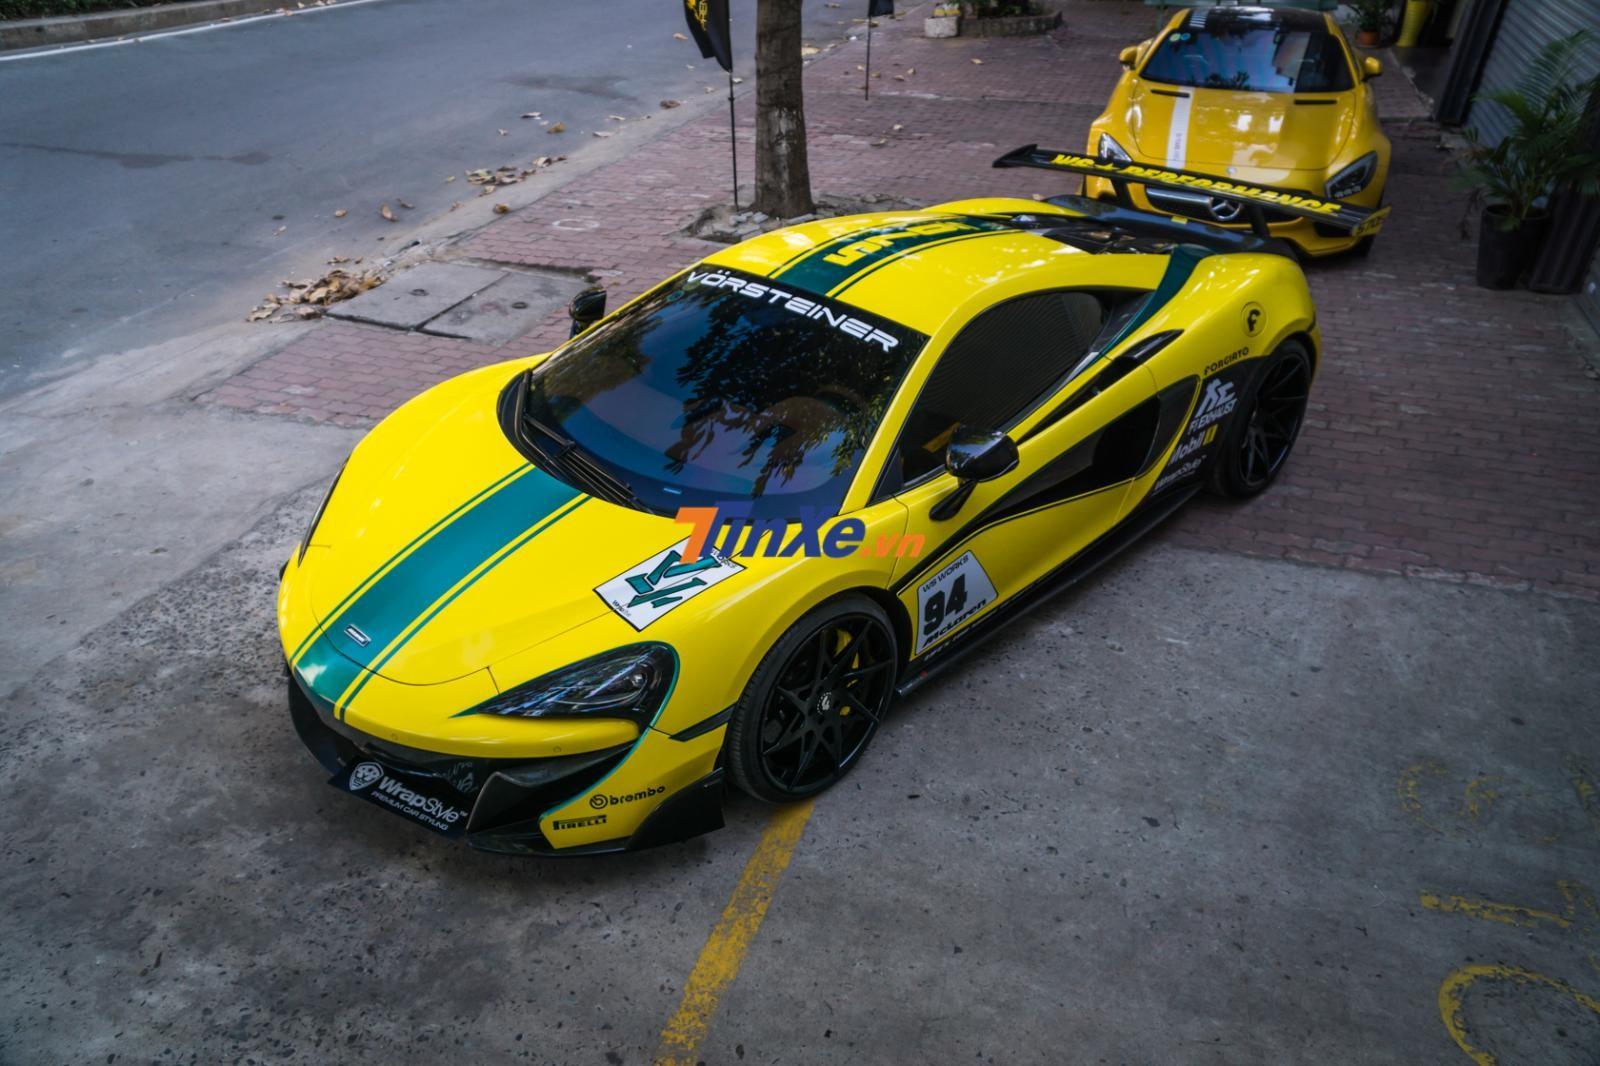 Bộ áo này theo phong cách mẫu siêu xe dành cho đường đua là McLaren P1 GTR